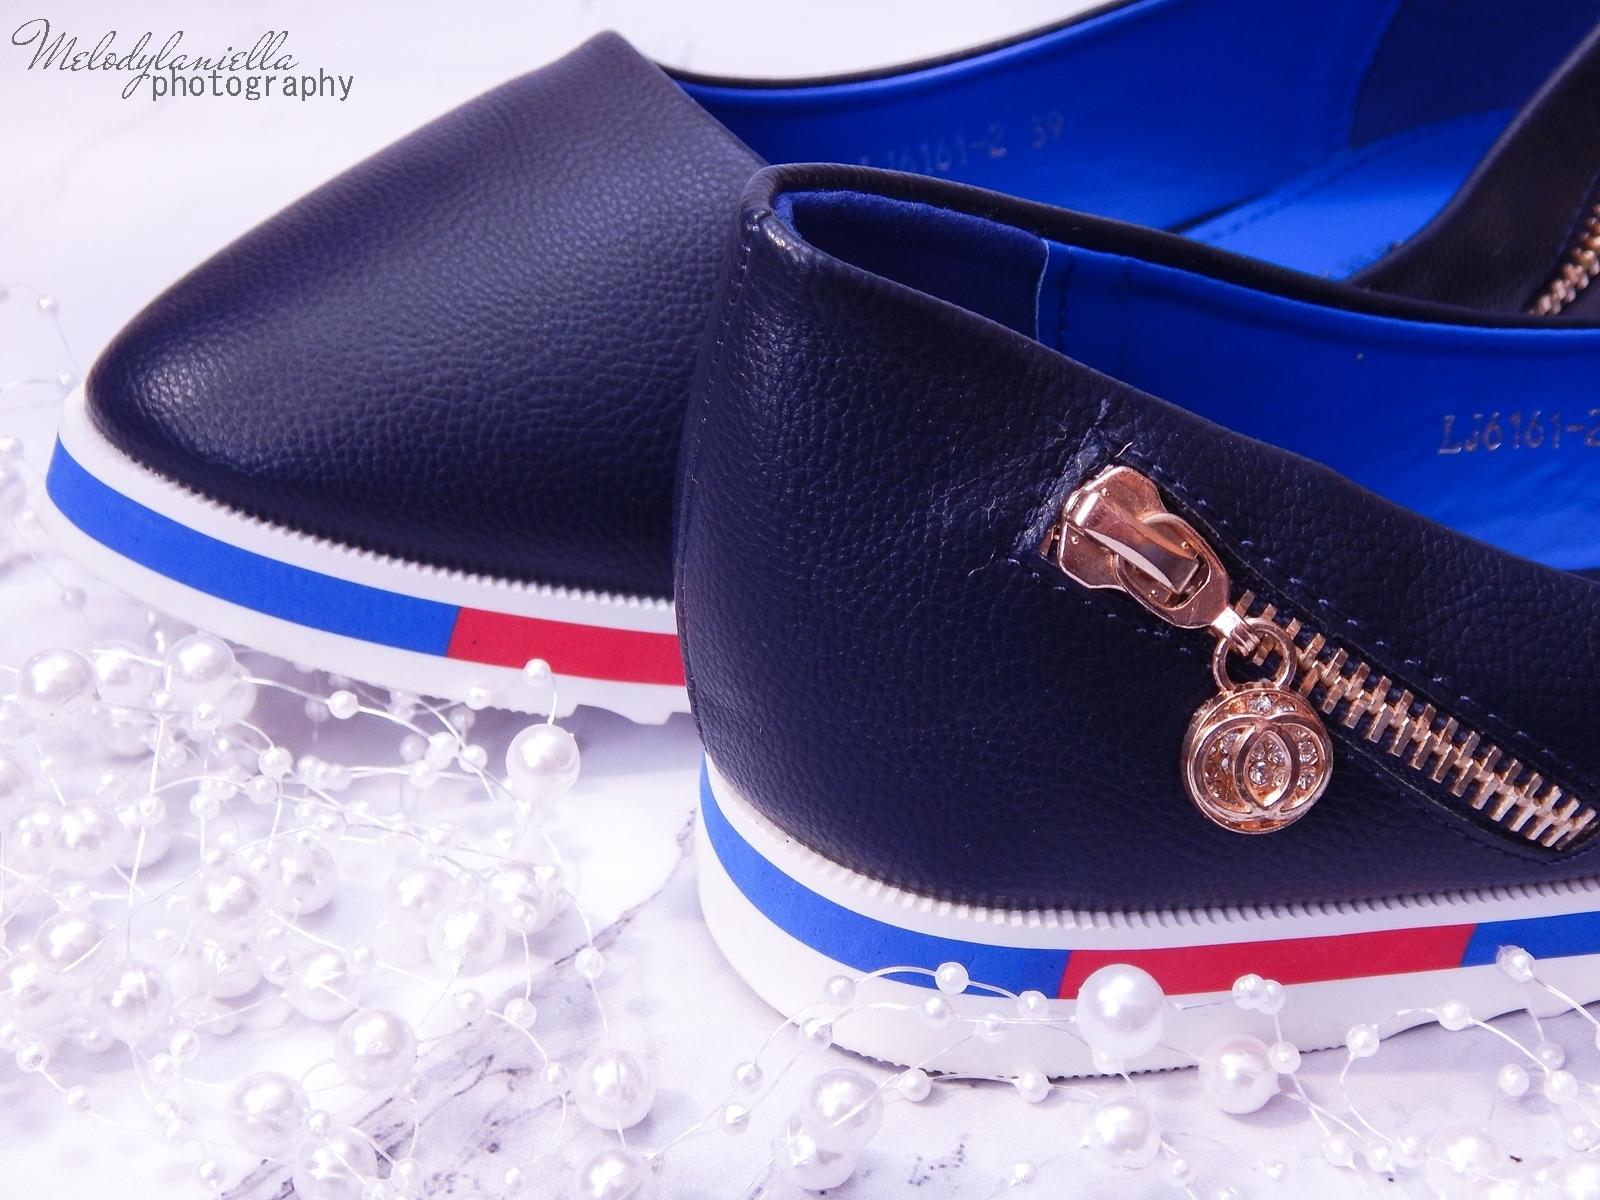 8 buty łuków baleriny tenisówki mokasyny sandały z ponopnami trzy modele butów modnych na lato melodylaniella recenzje buty coca-cola szare półbuty z kokardą buty na wesele buty do sukienki moda